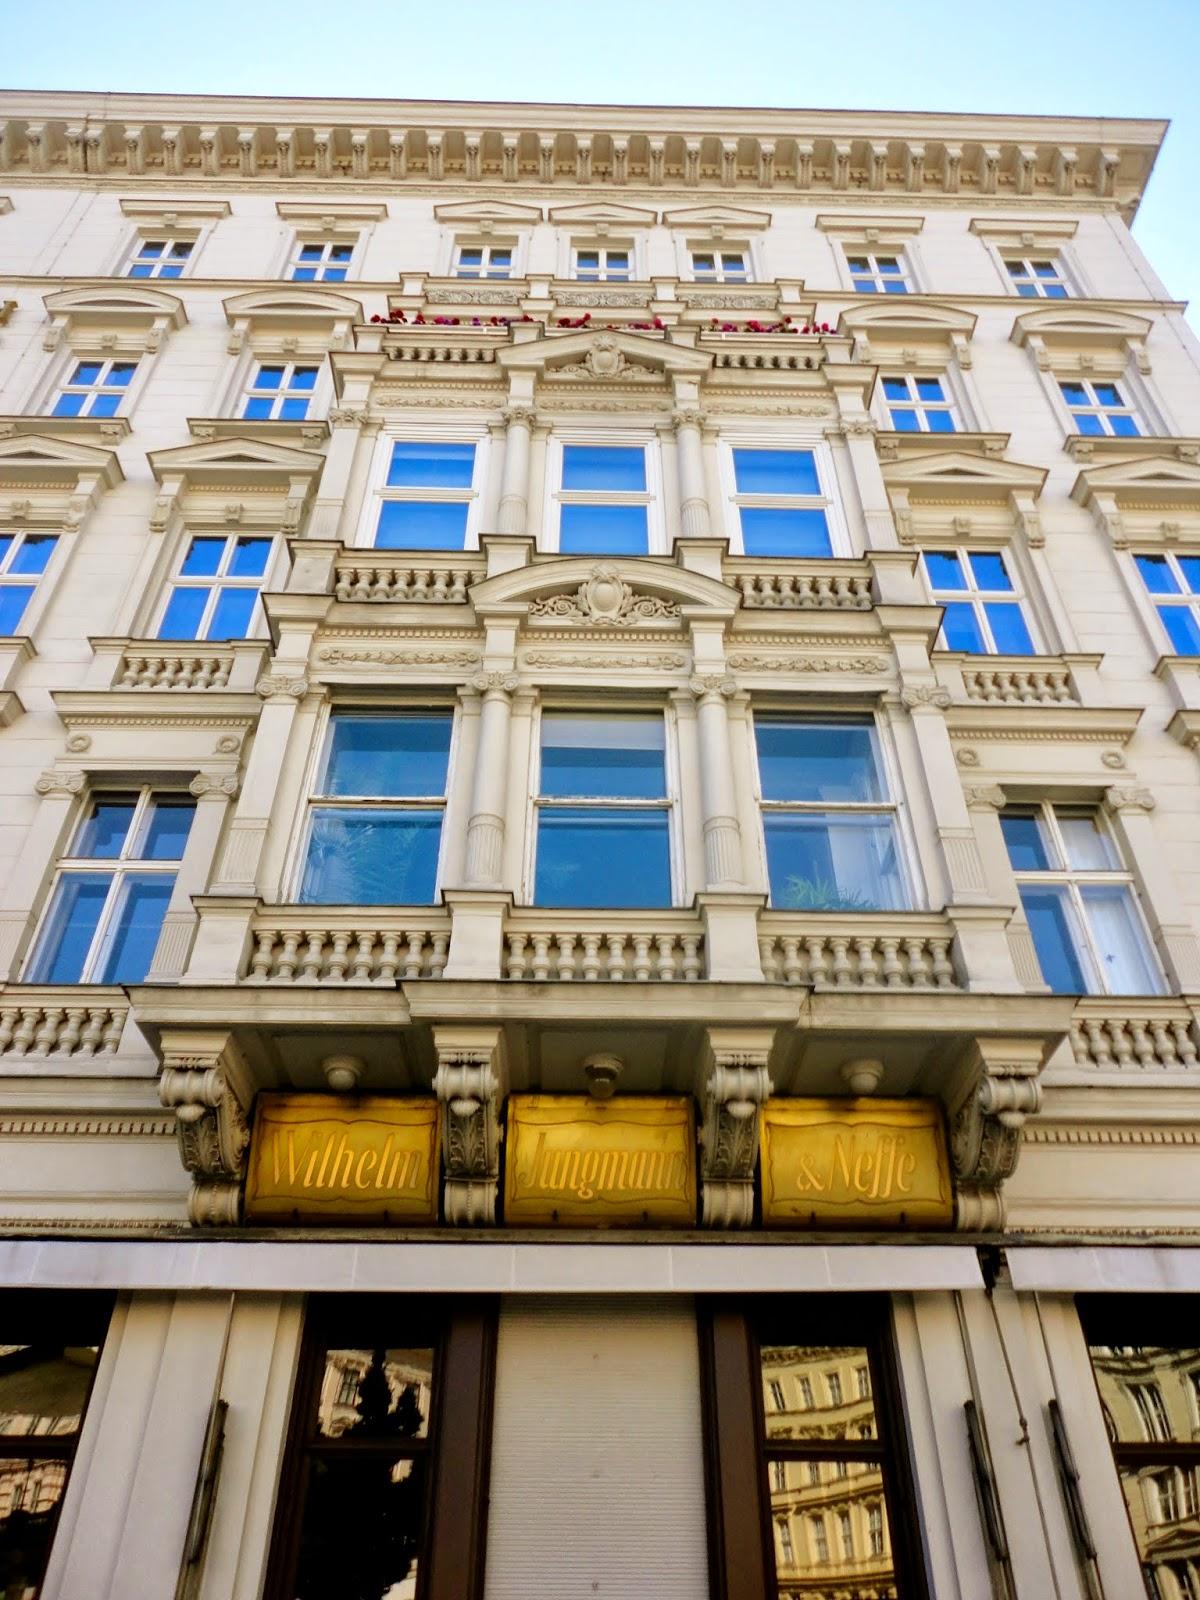 Building exterior, Vienna, Austria